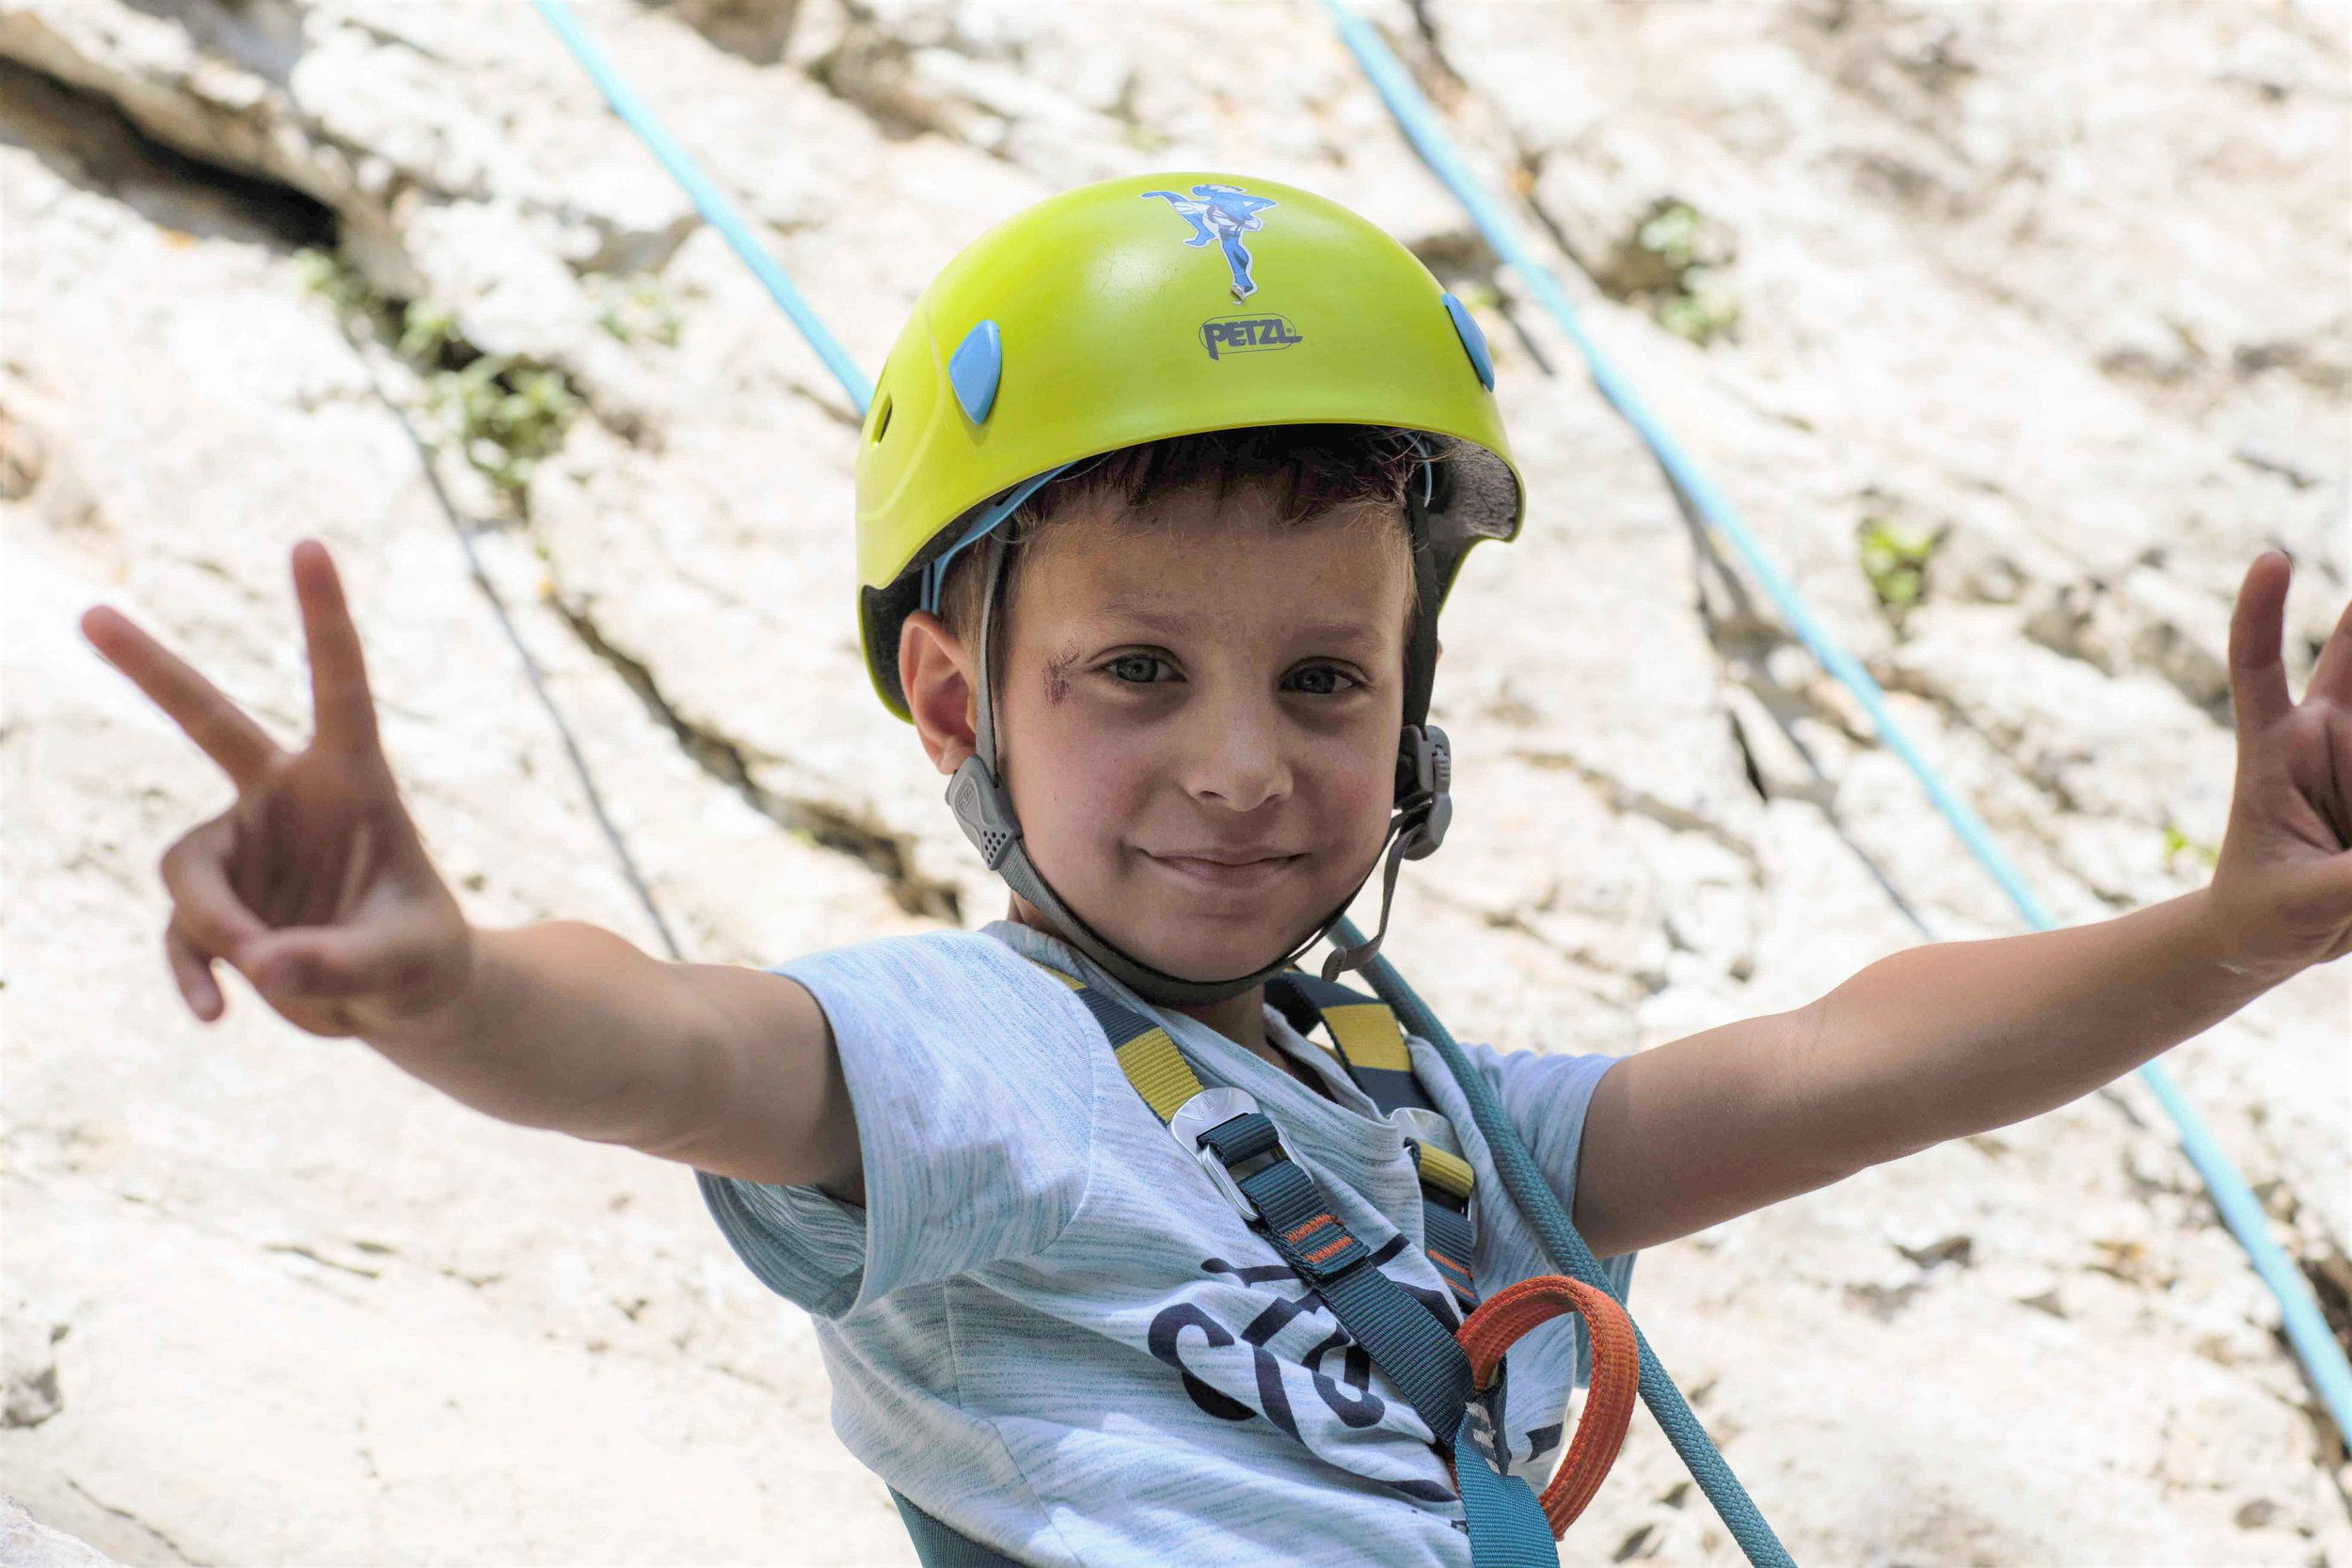 Zaključni plezalni izlet za otroke Grif_68.jpg